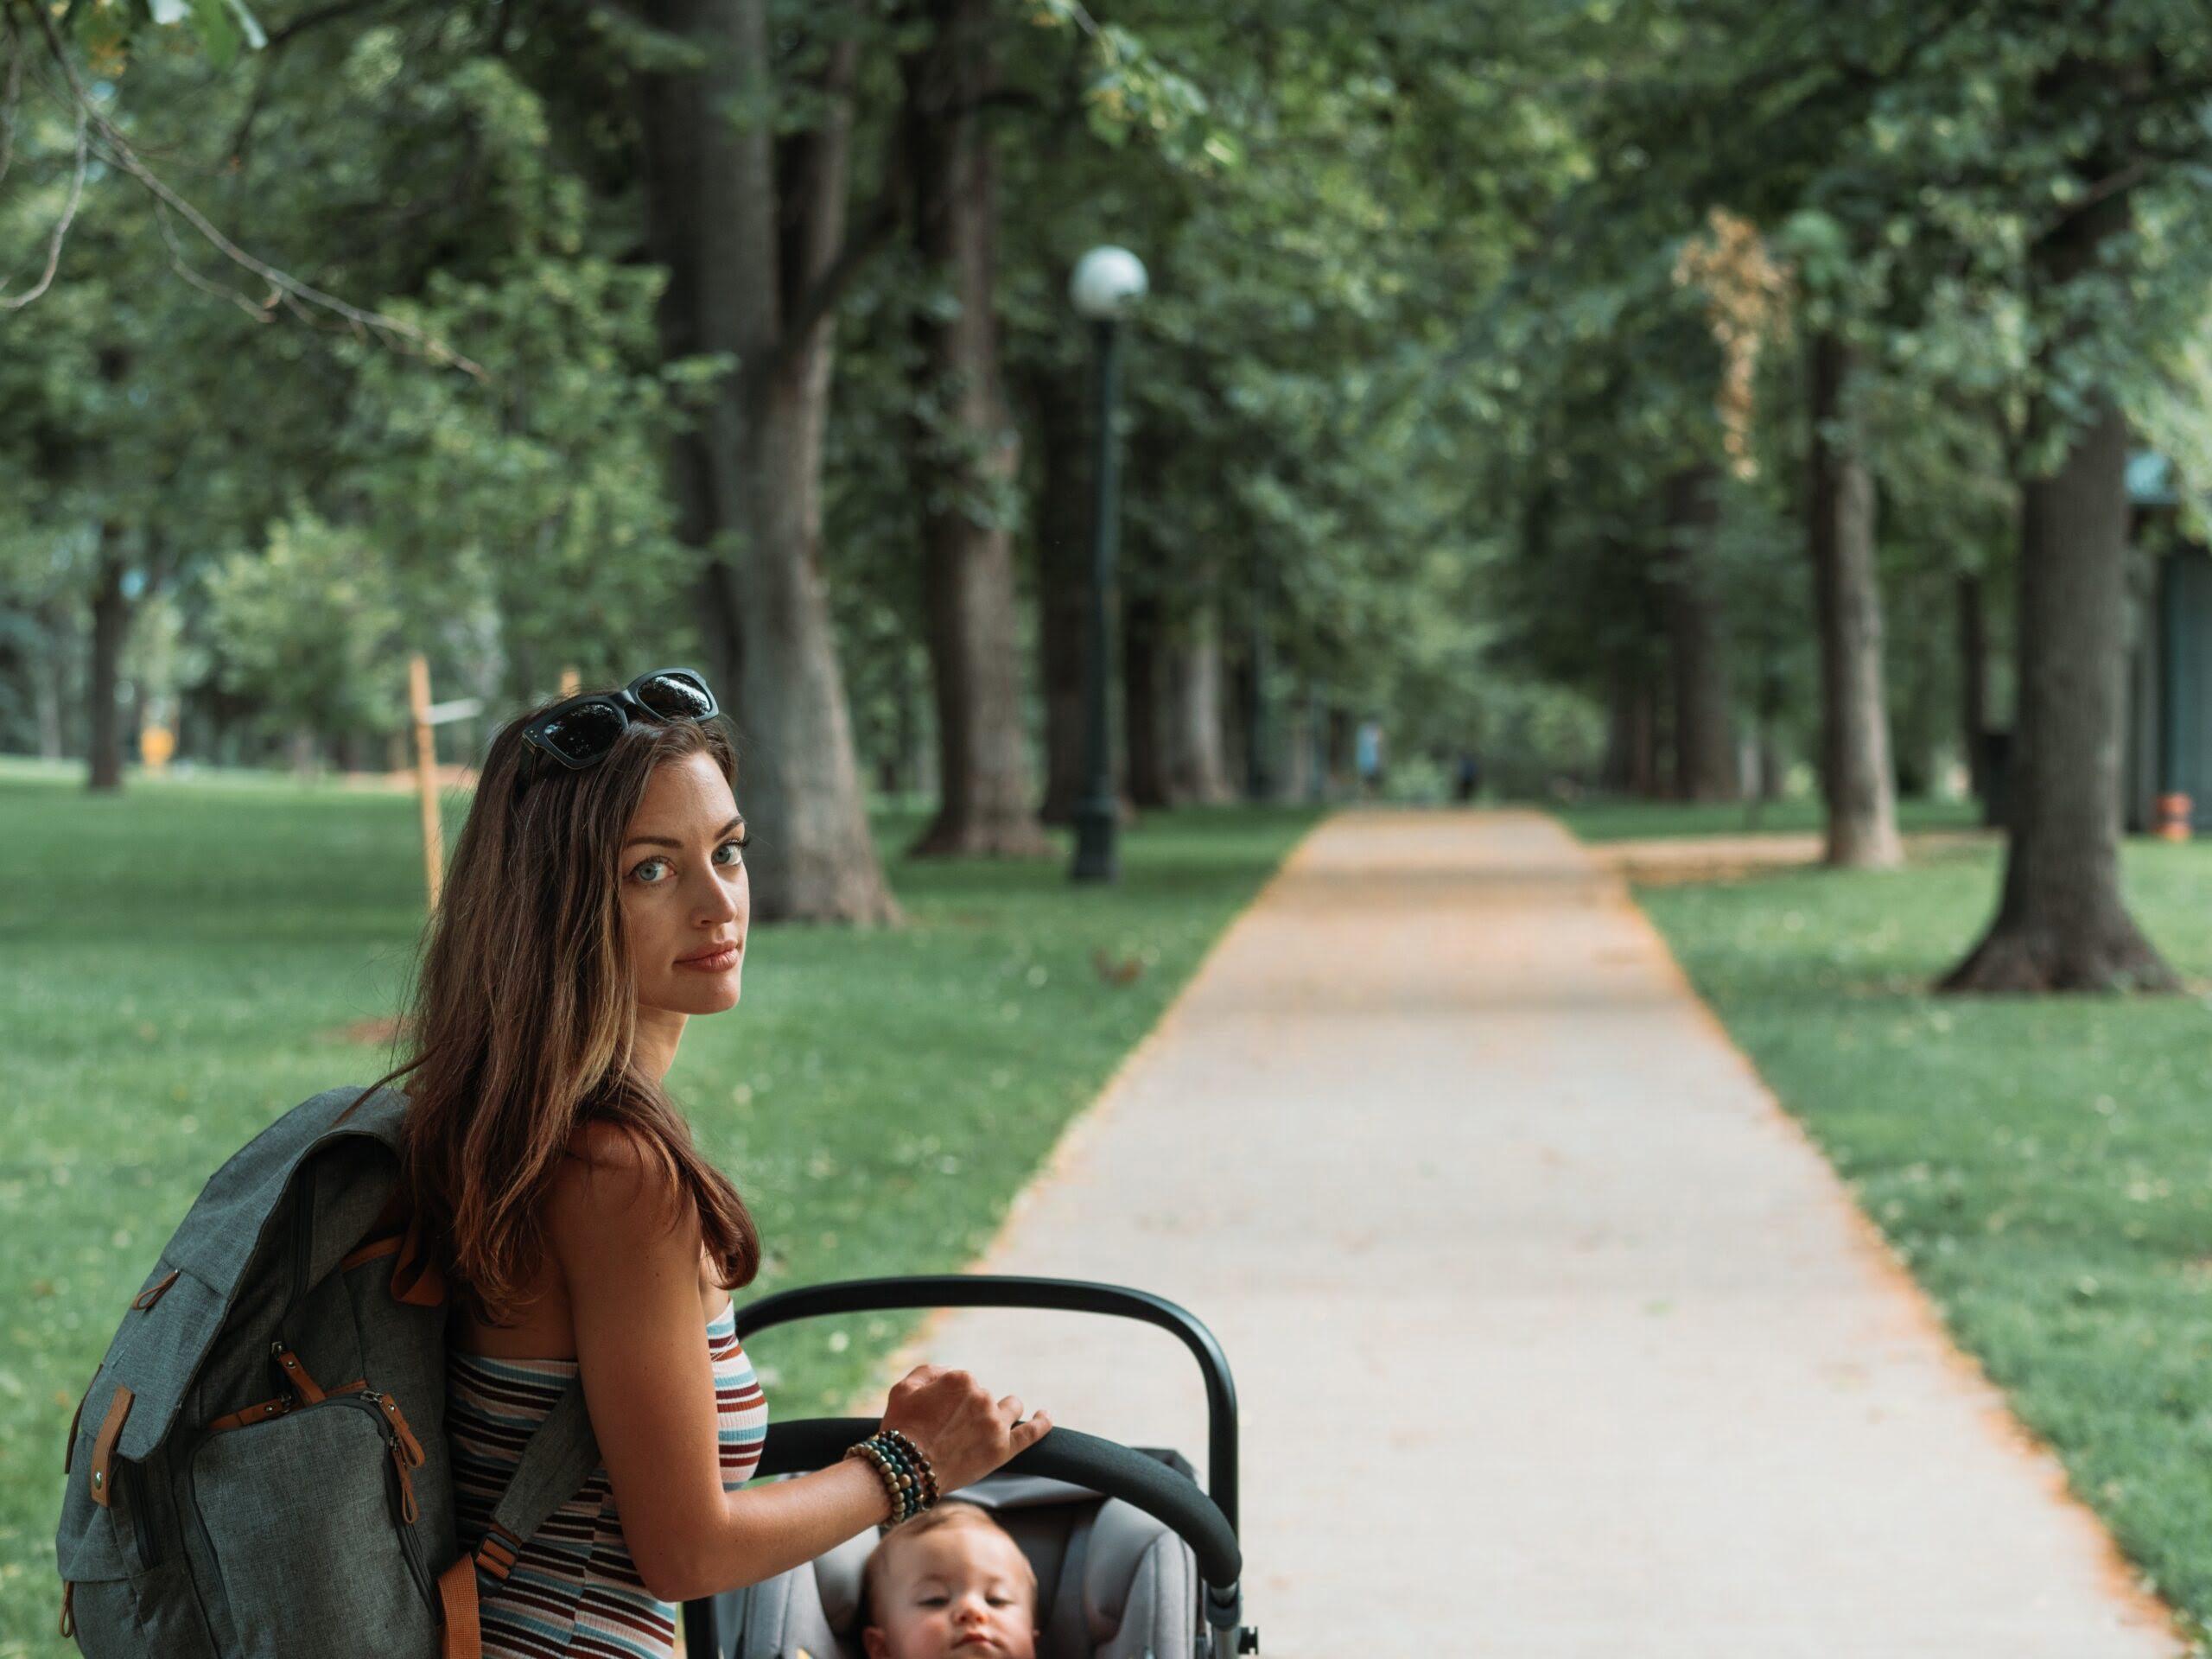 Wózek wielozadaniowy dla dziecka